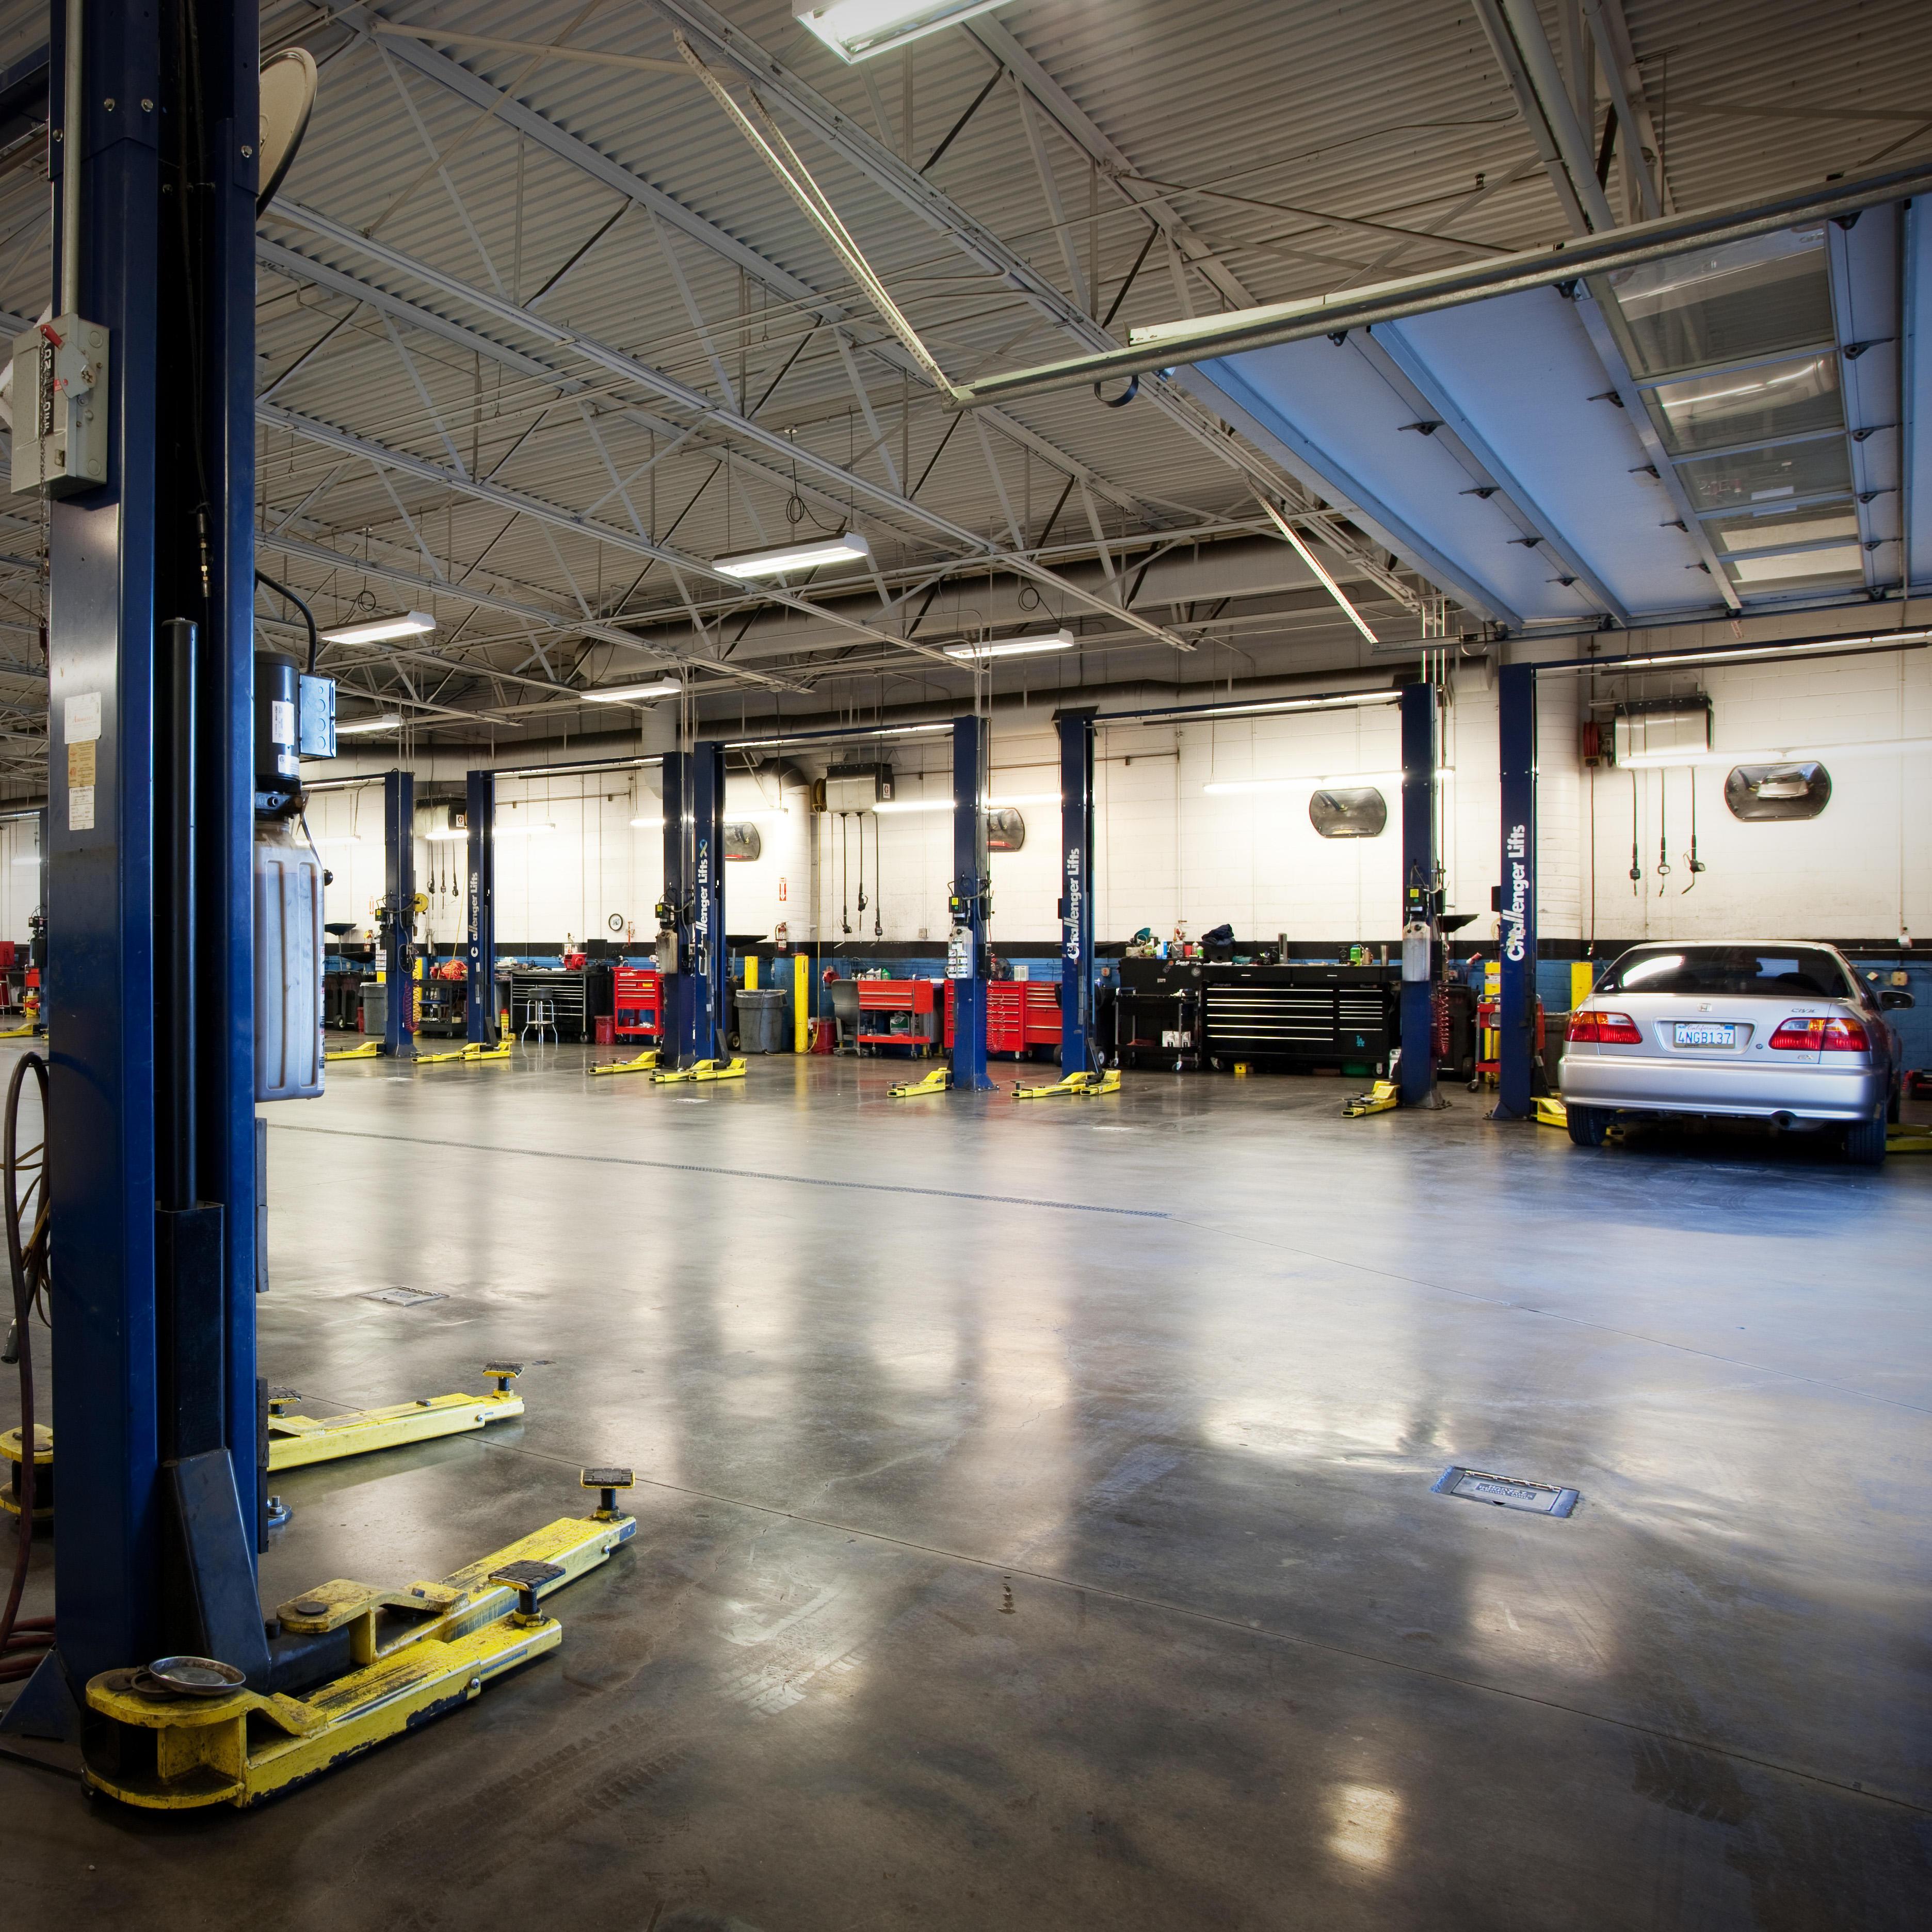 Valley honda dealers honda cars trucks suvs hybrids for Diamond honda of glendale